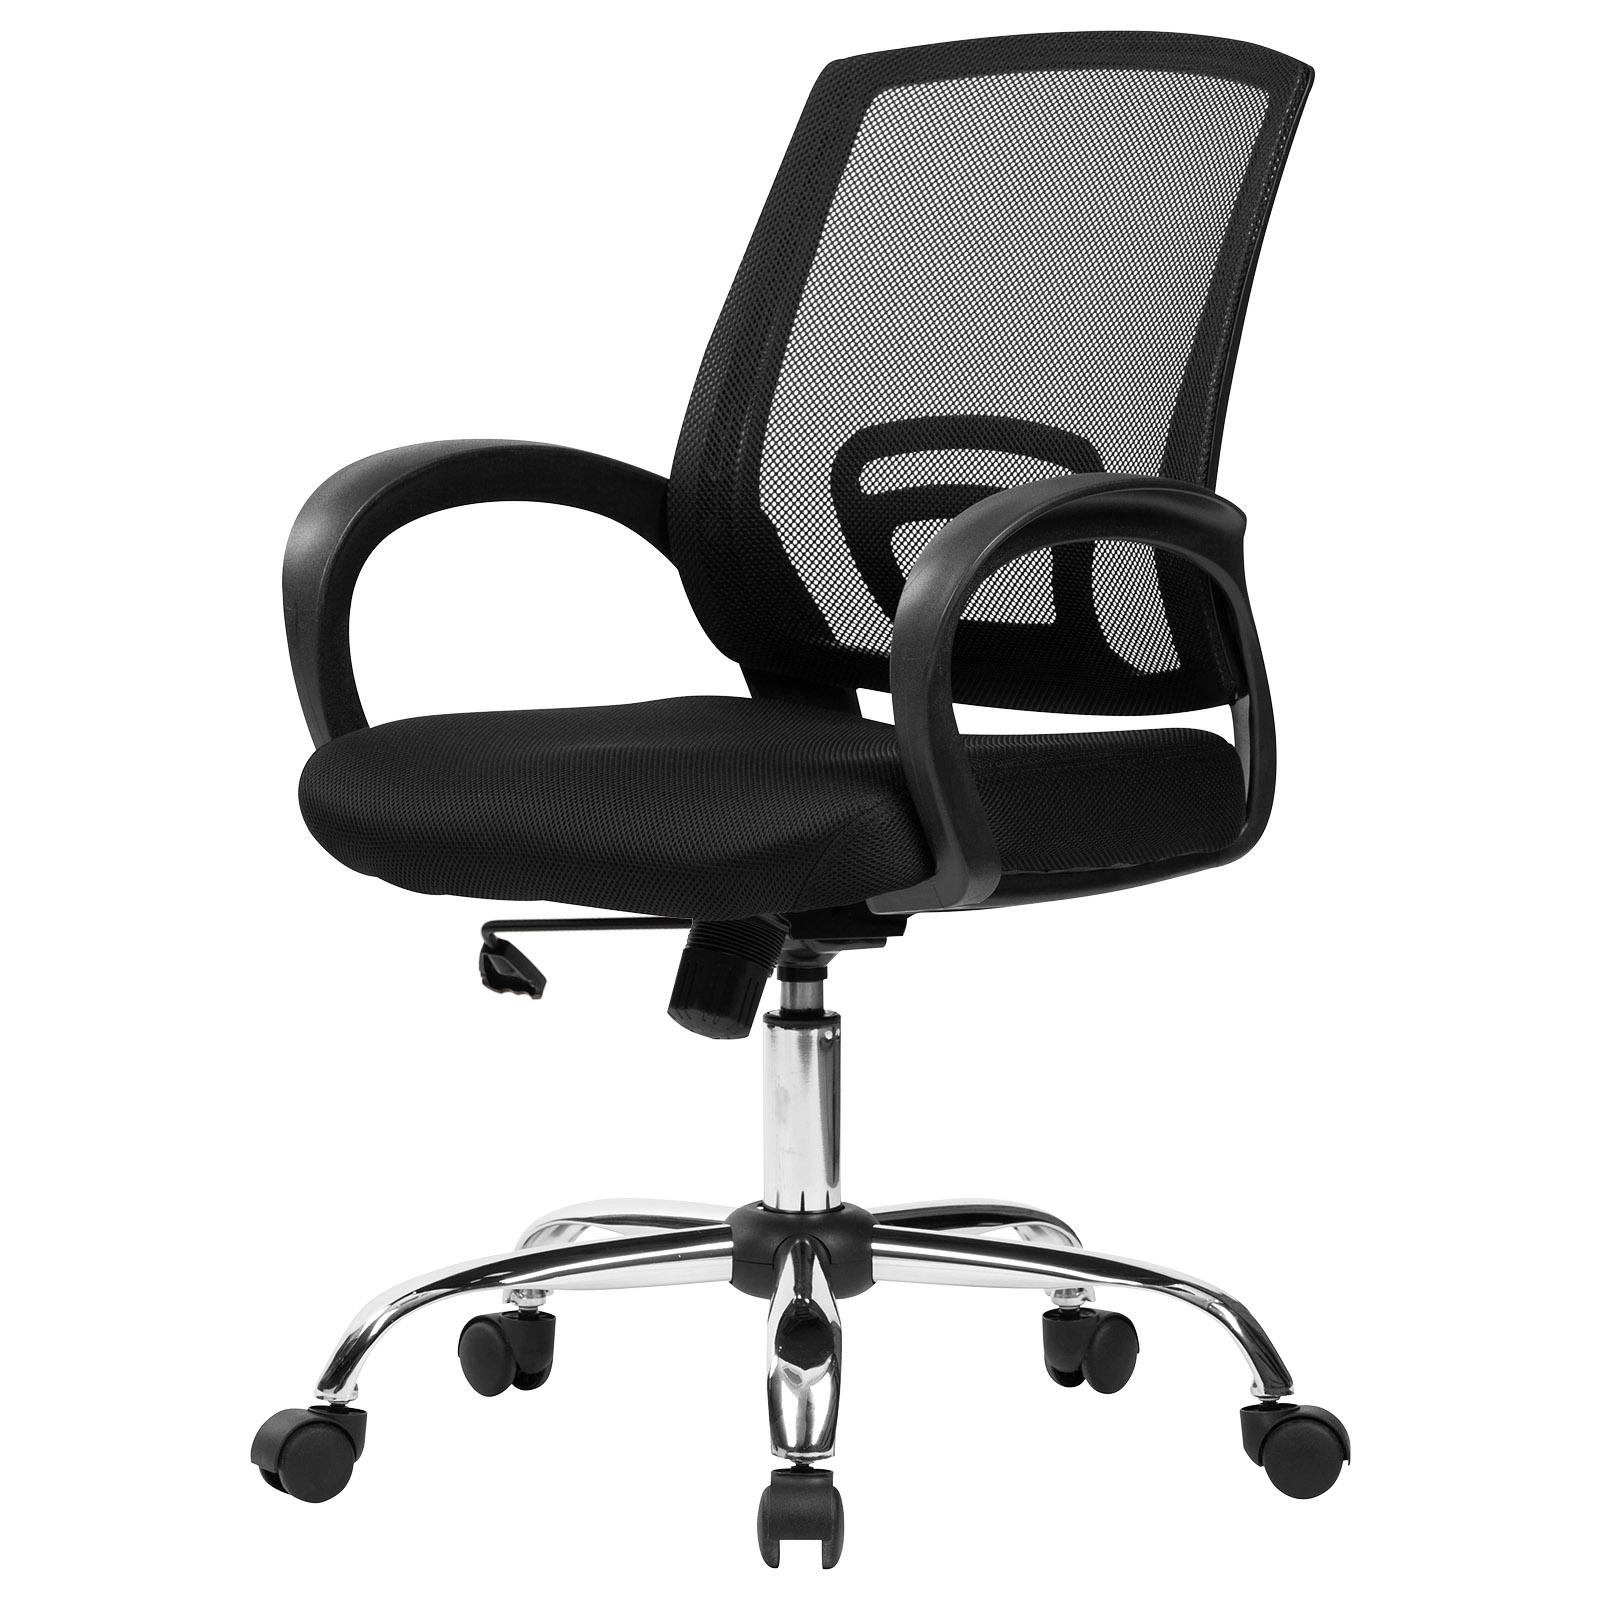 Bürostuhl Drehstuhl mit Wippfunktion Schreibtischstuhl drehbar ...